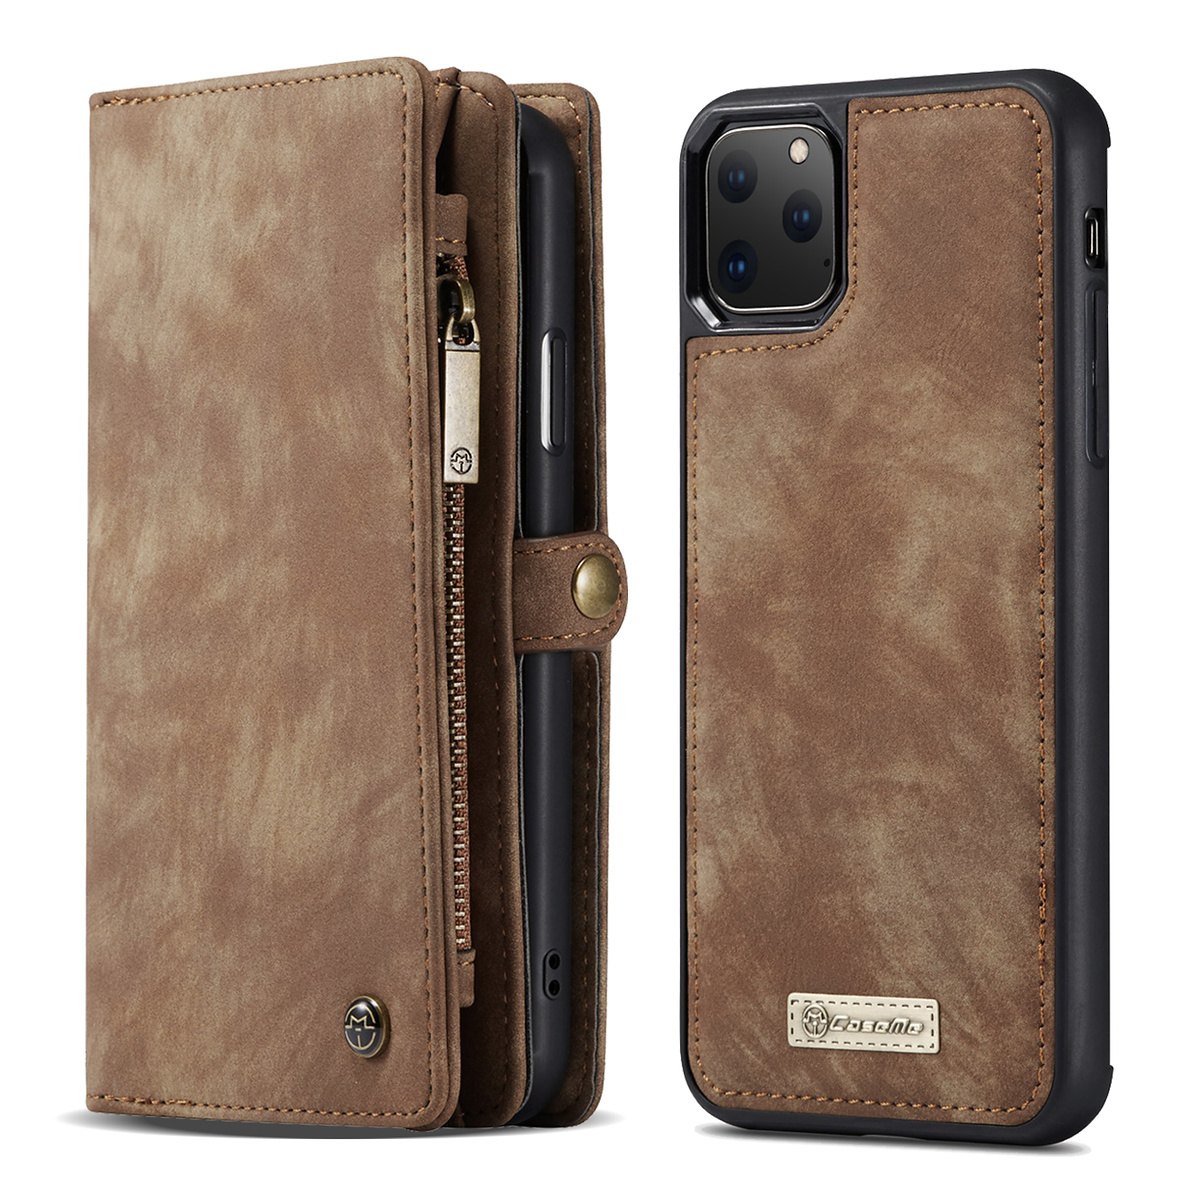 CaseMe plånboksfodral med magnetskal till iPhone 11 Pro, brun